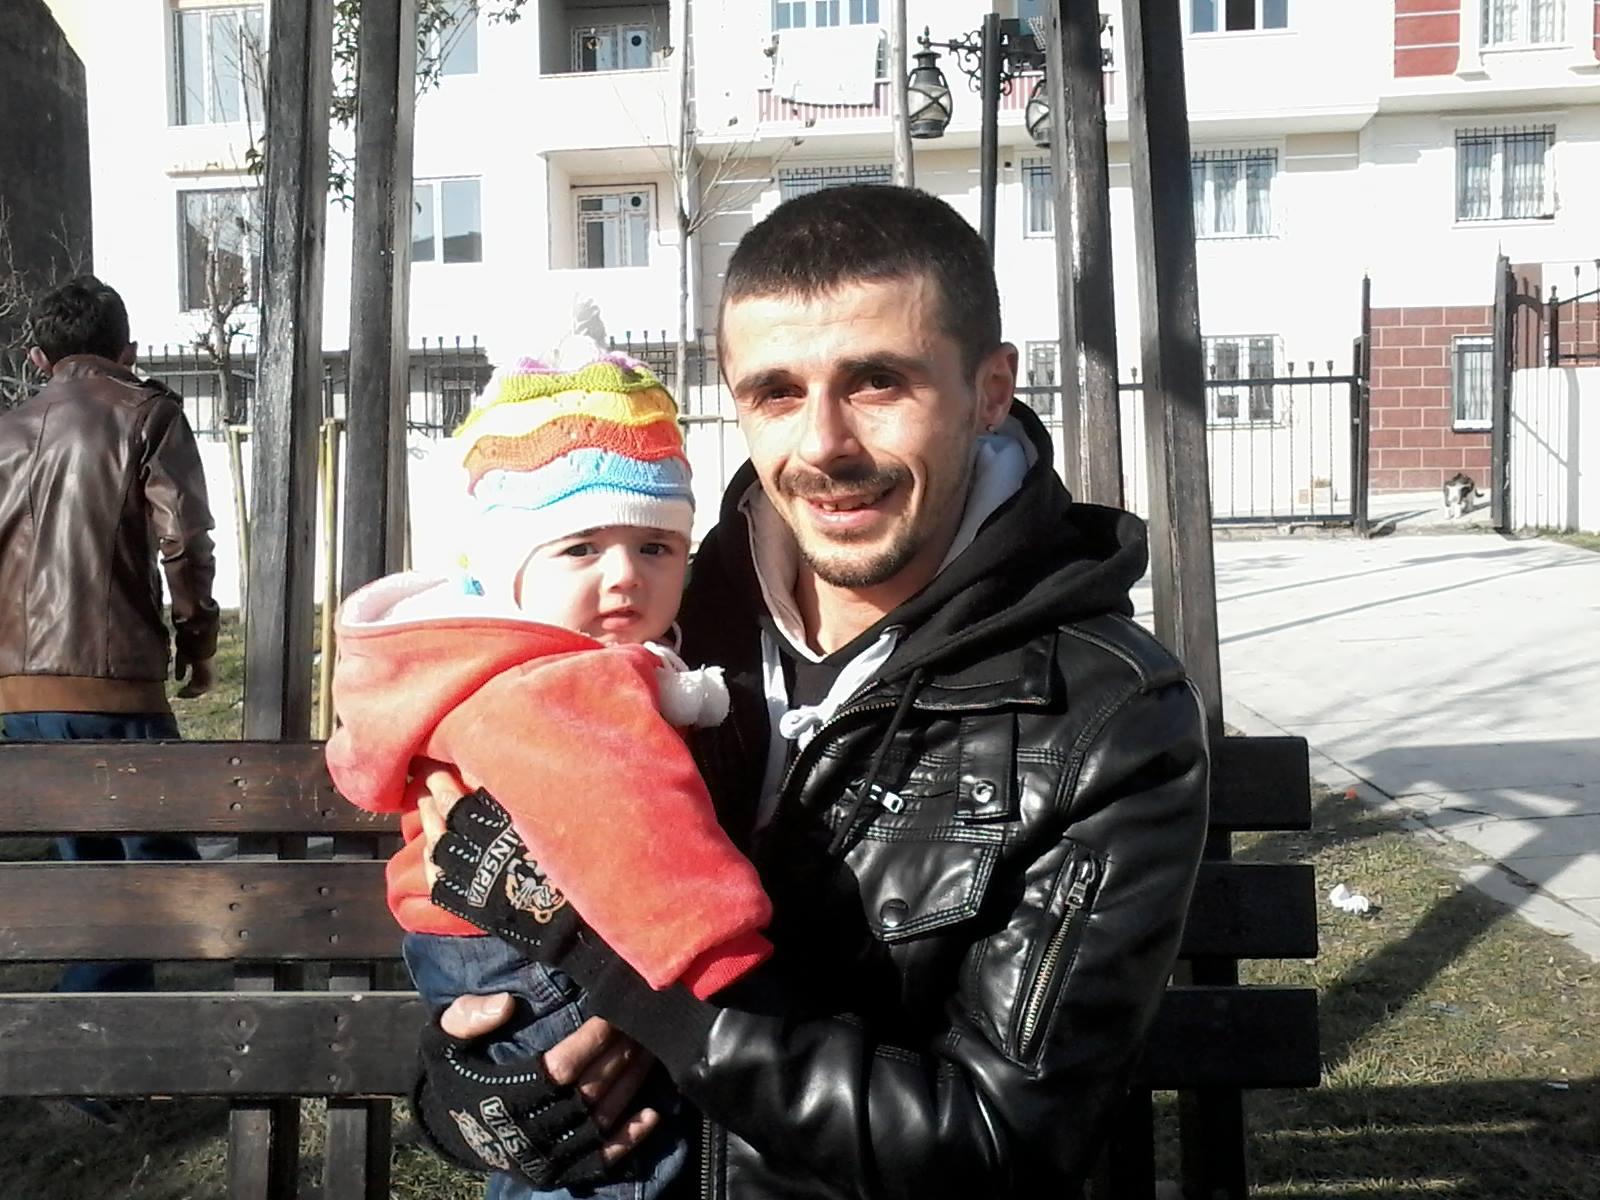 İkranur'un babası: Kız kardeşimden beklerdim ama erkek kardeşimden değil